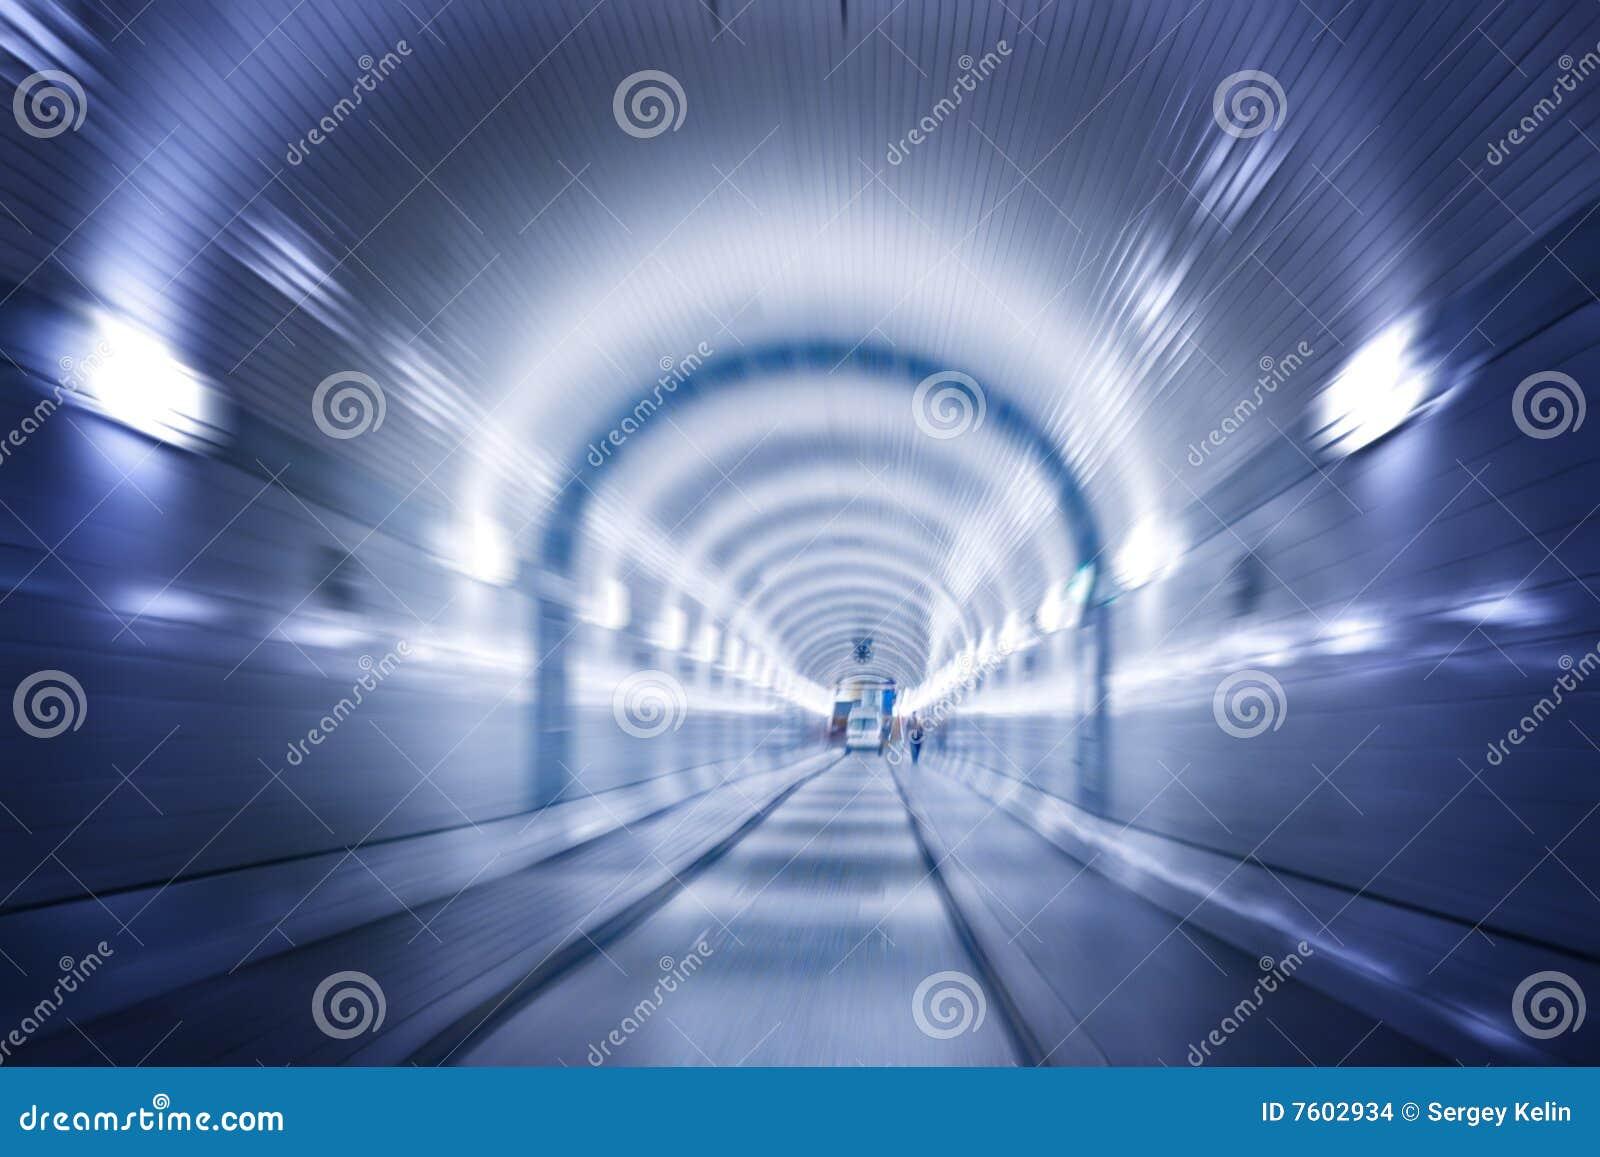 下易北河汉堡隧道